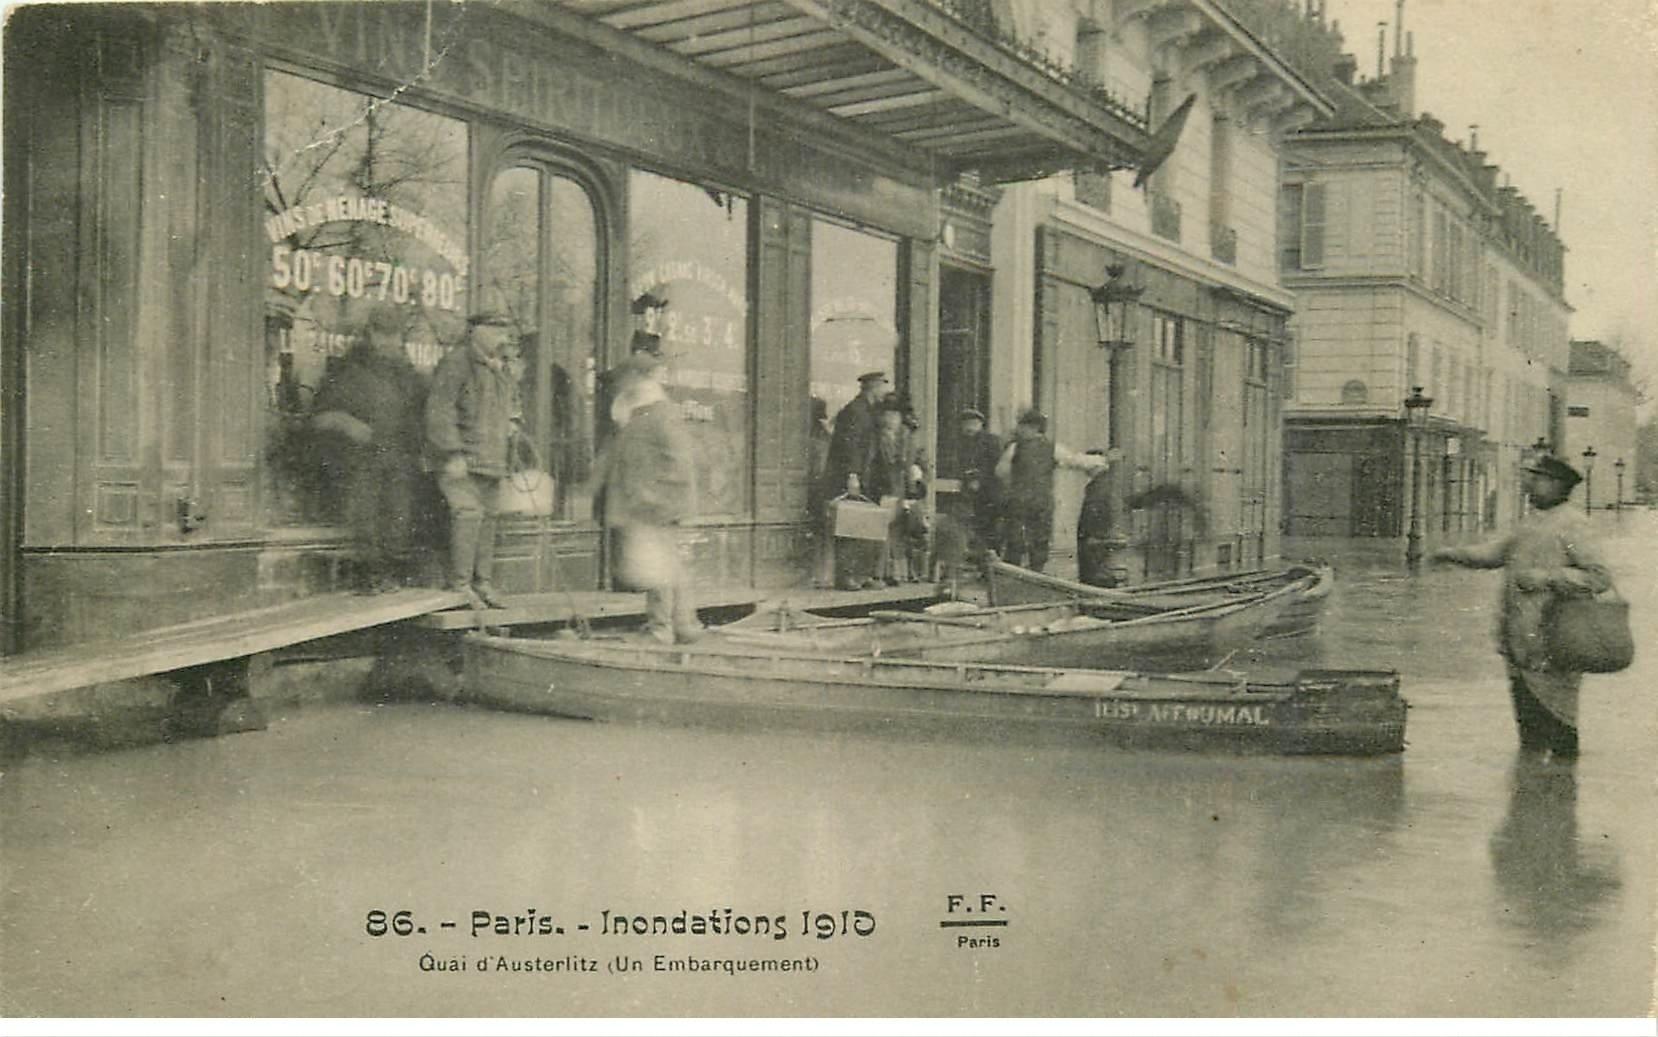 carte postale ancienne INONDATION ET CRUE PARIS 1910. Quai Austerlitz (légère plissure)